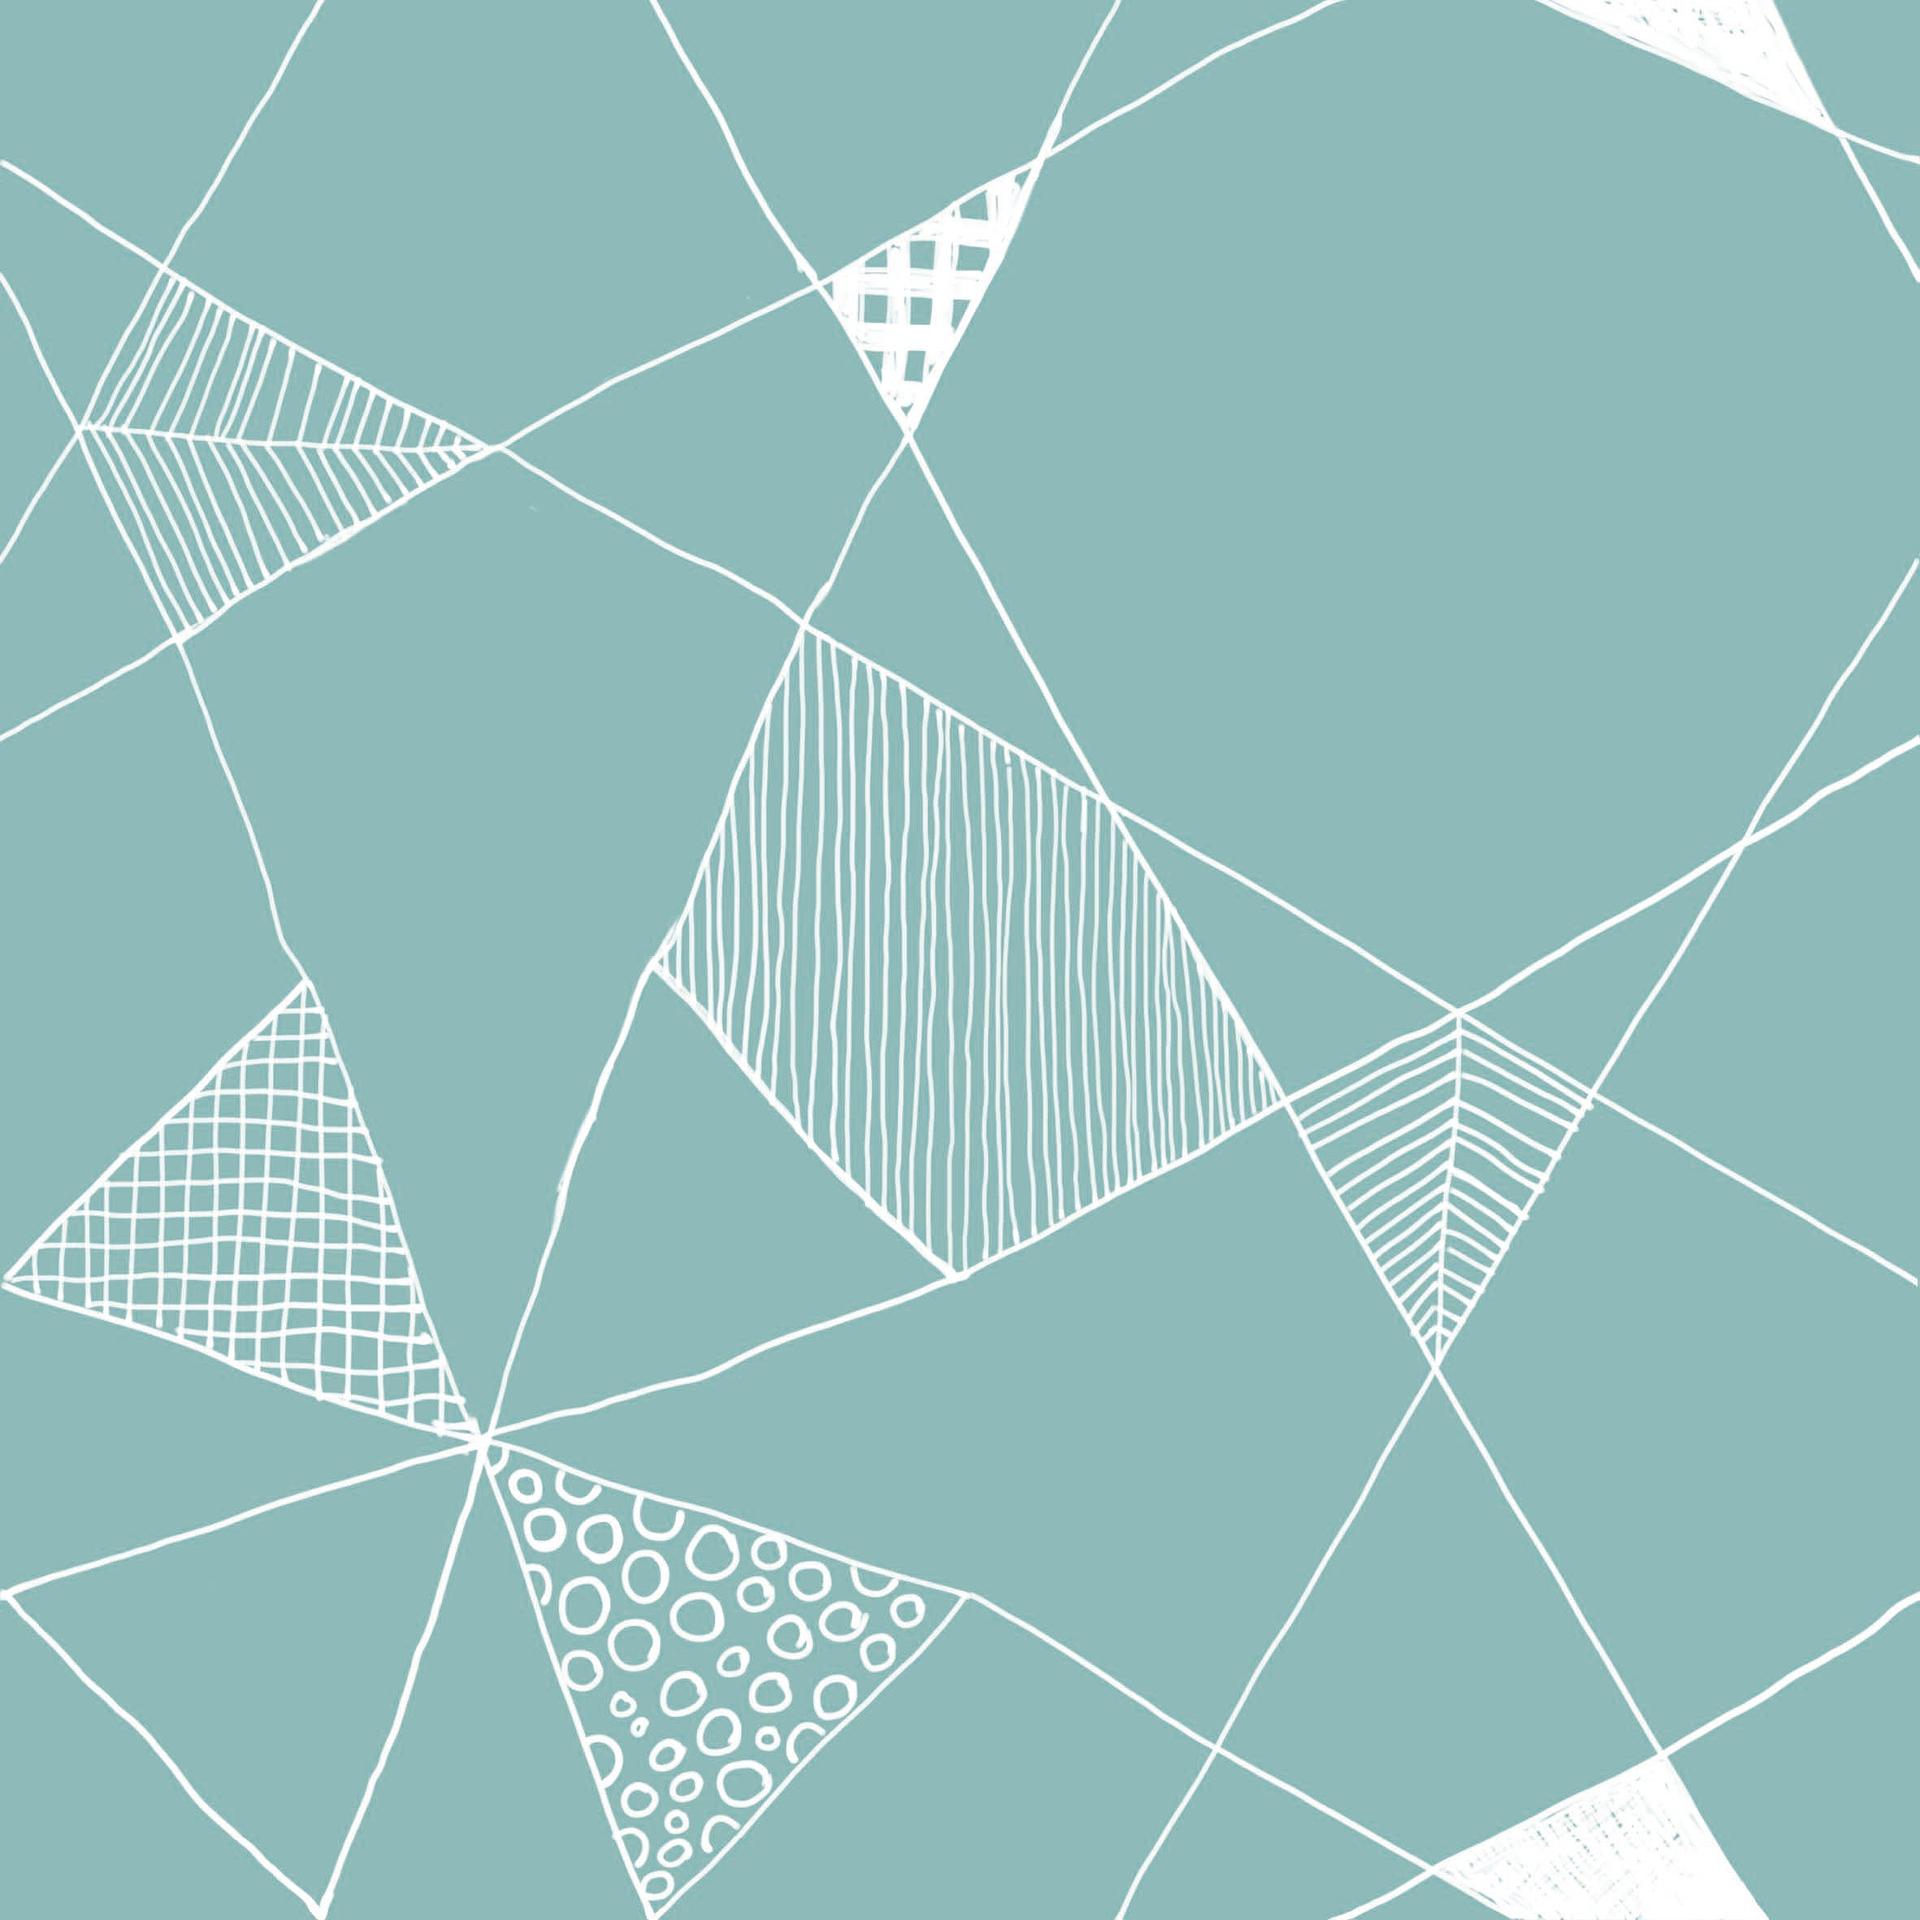 Carrelage More de Self, Grès cérame émaillé, 20x20 cm, Surface mate, Teinte bleu clair,